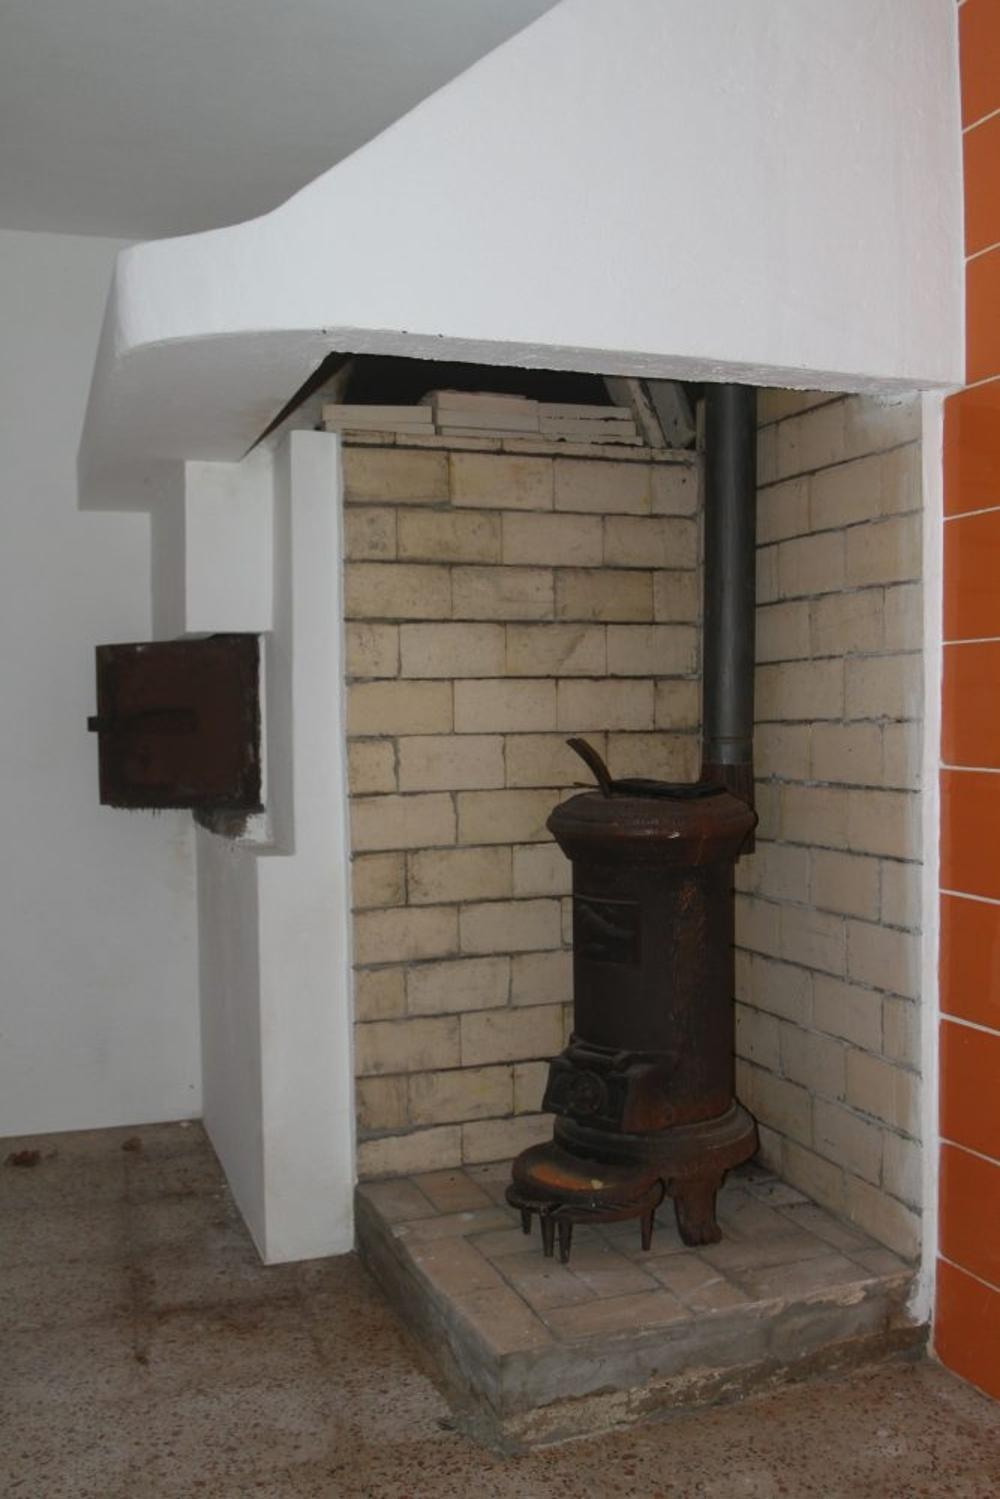 Guisande Santa Maria Da Feira finca rústica foto #request.properties.id#